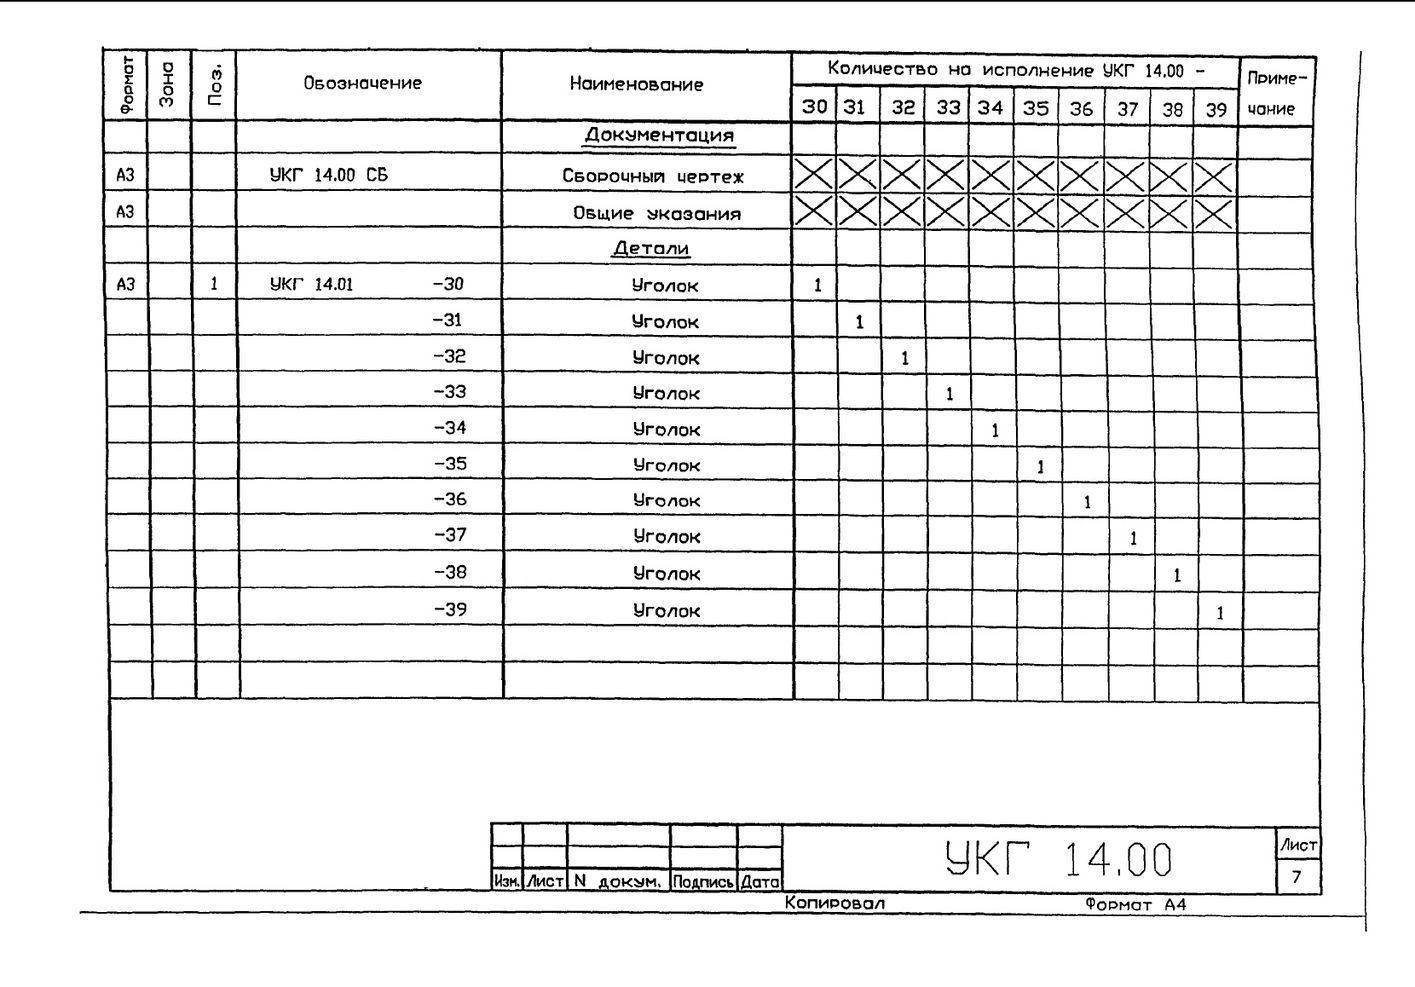 Крепление 2х (двух) вспомогательных газопроводов к основному УКГ 14.00 СБ серия 5.905-18.05 выпуск 1 стр.10